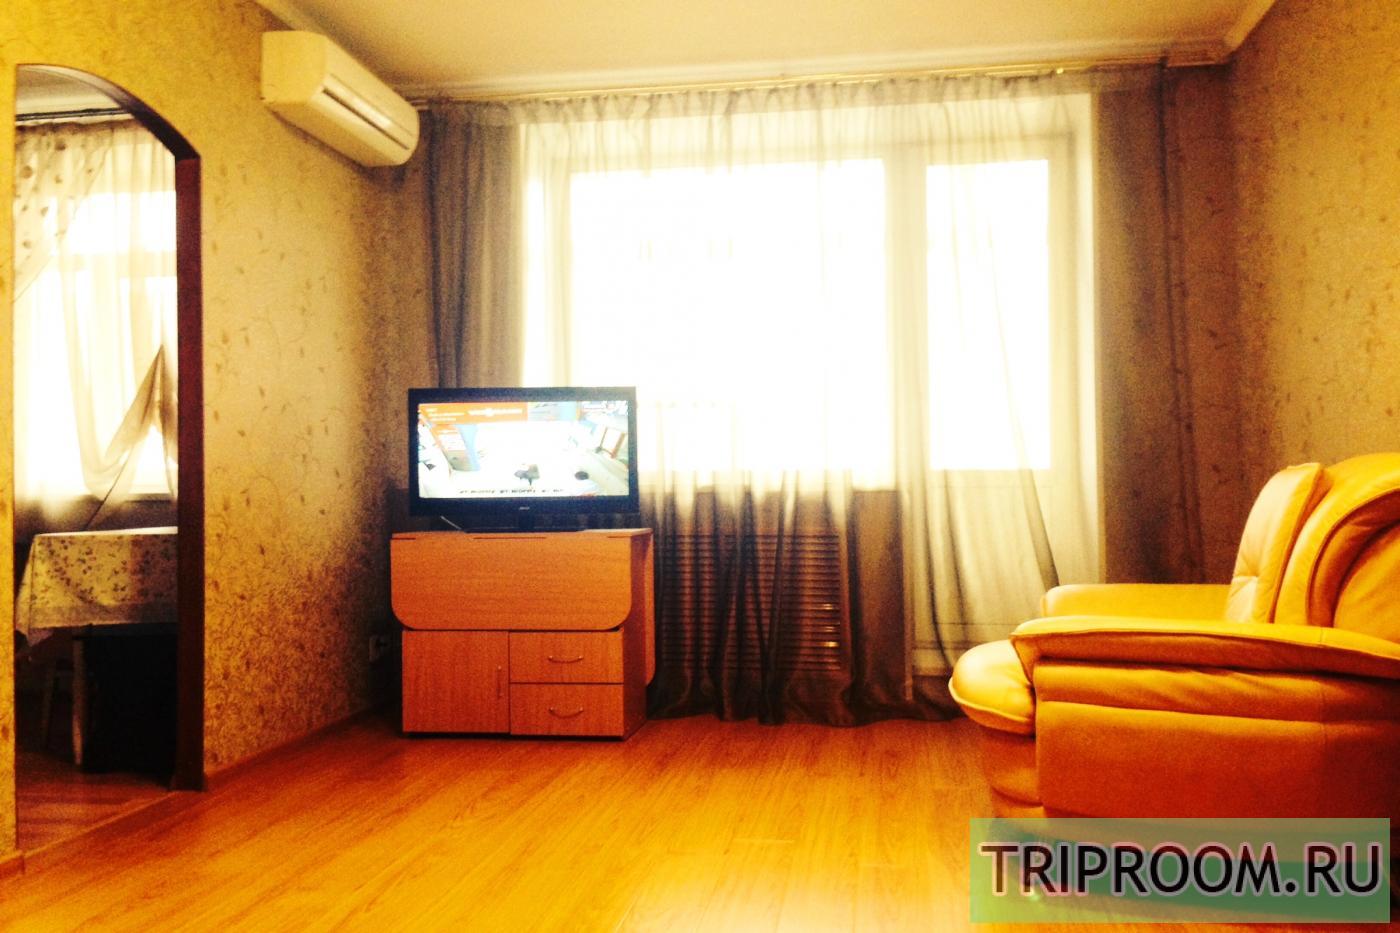 3-комнатная квартира посуточно (вариант № 14751), ул. Ленина улица, фото № 13